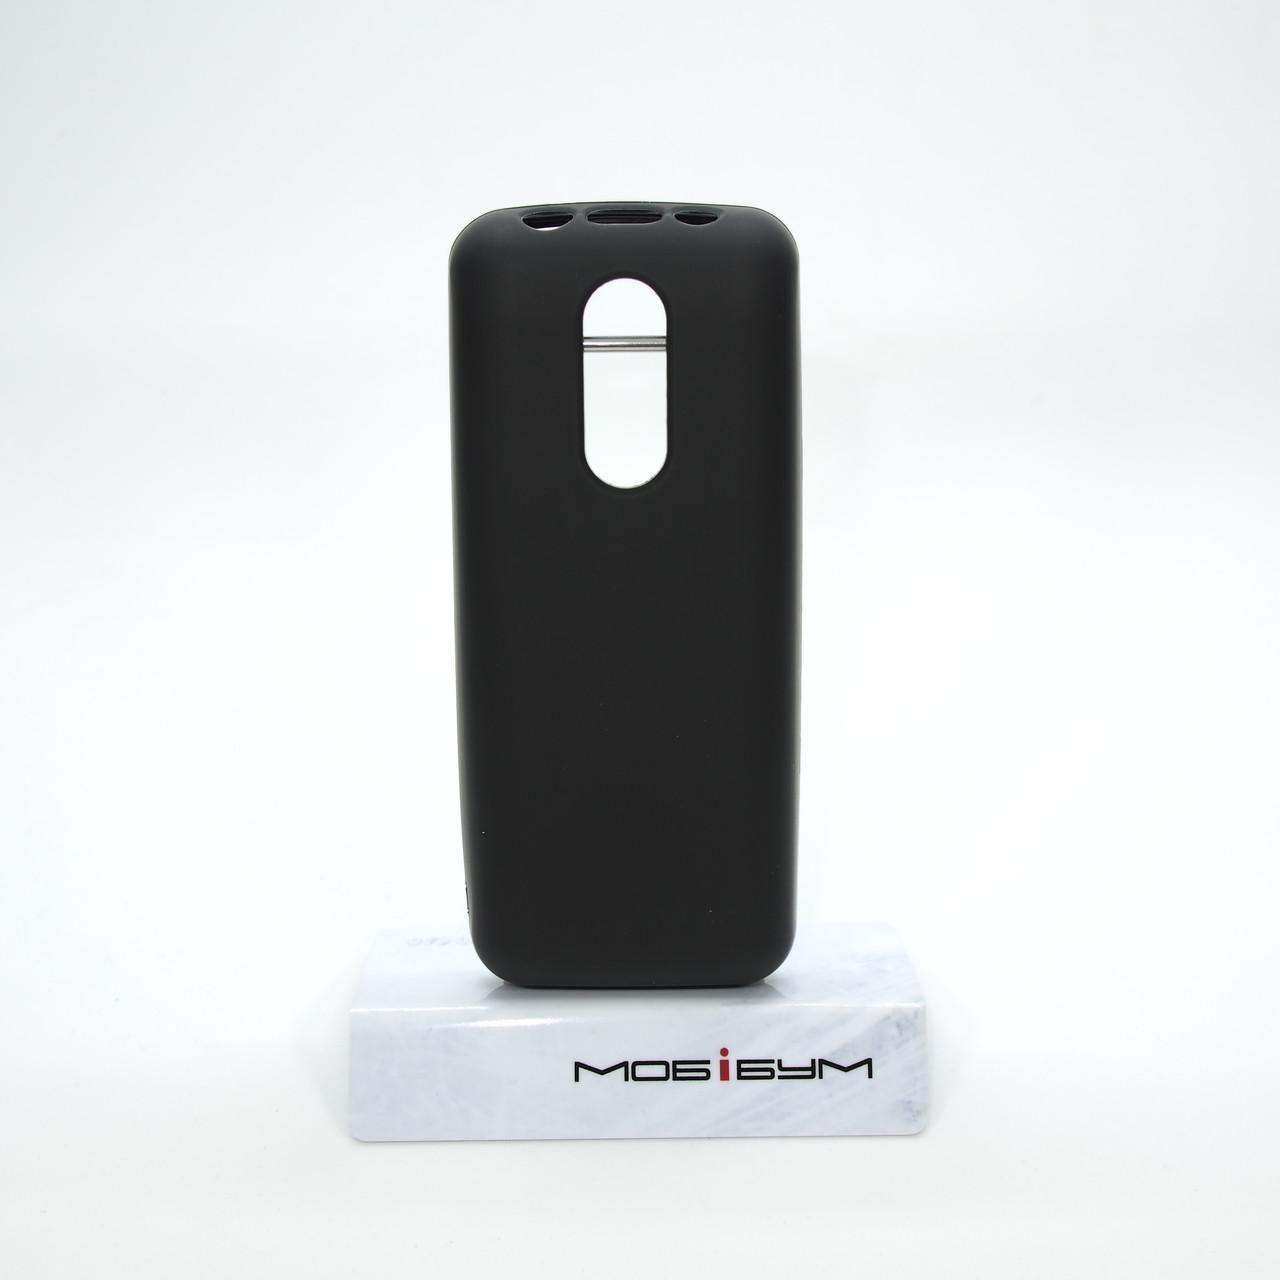 Чехол Silicon Nokia 106/107 black